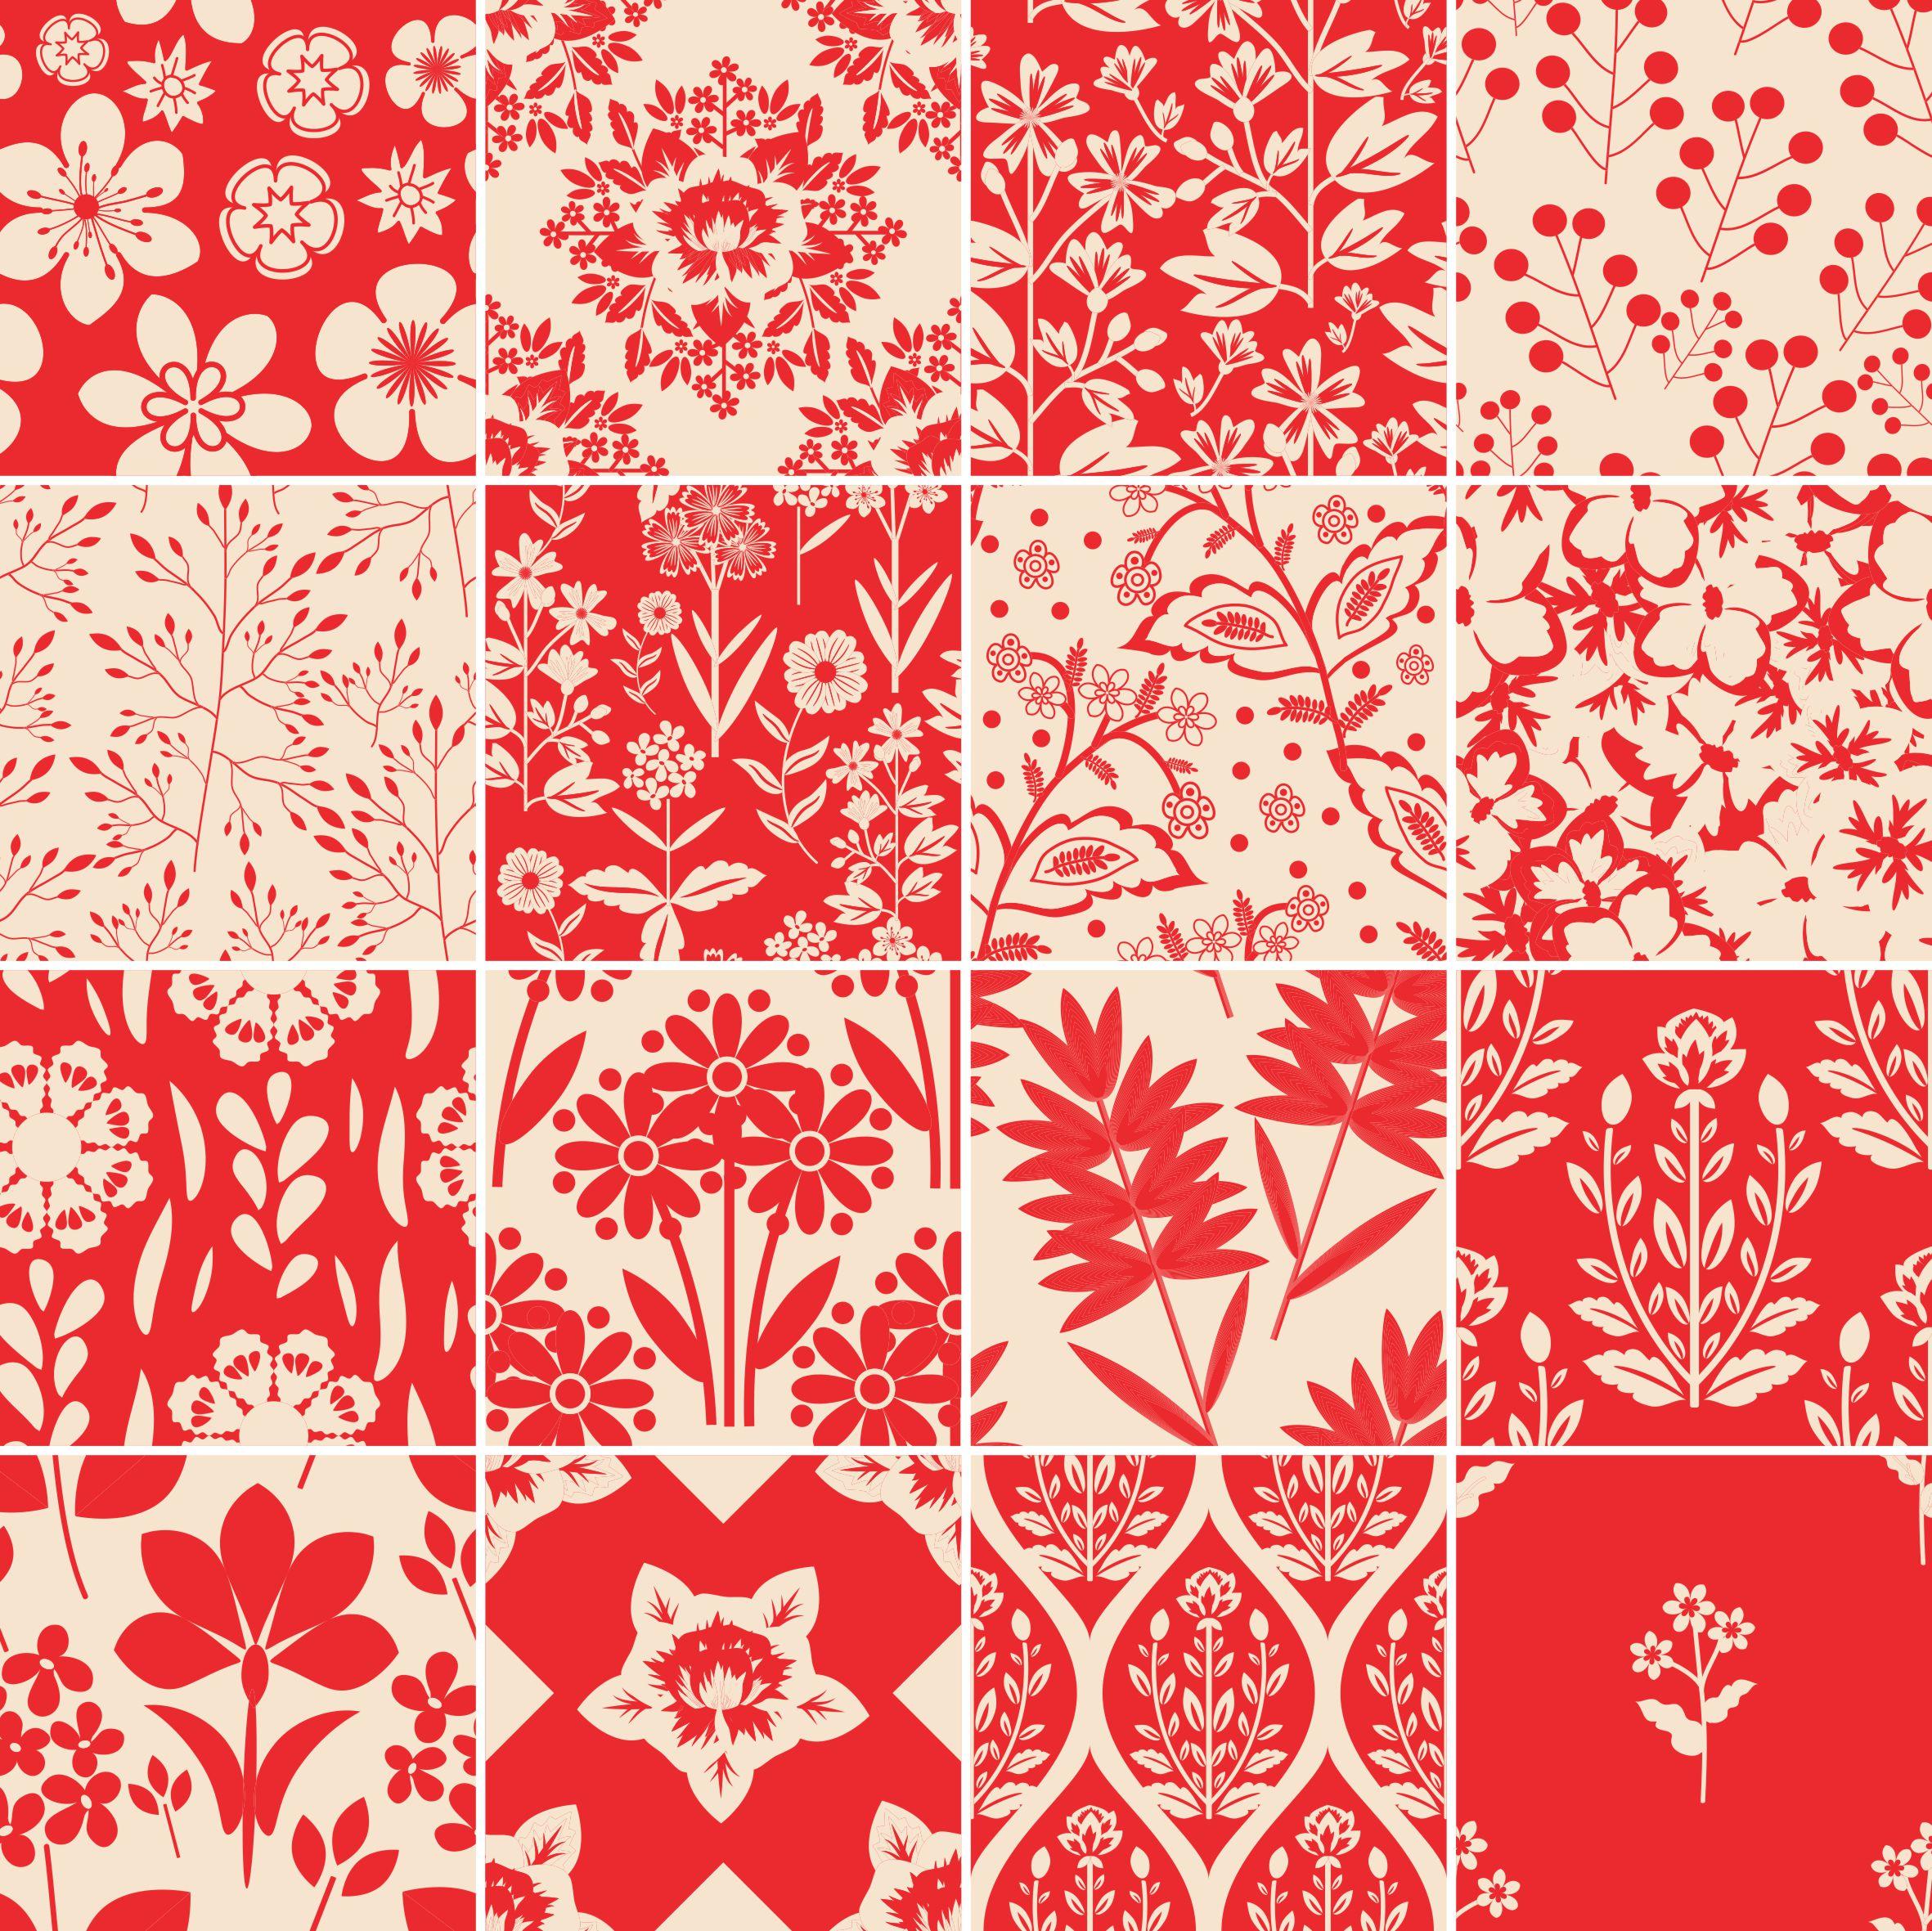 Imagens de papel parede vermelho e branco - Paredes de papel ...